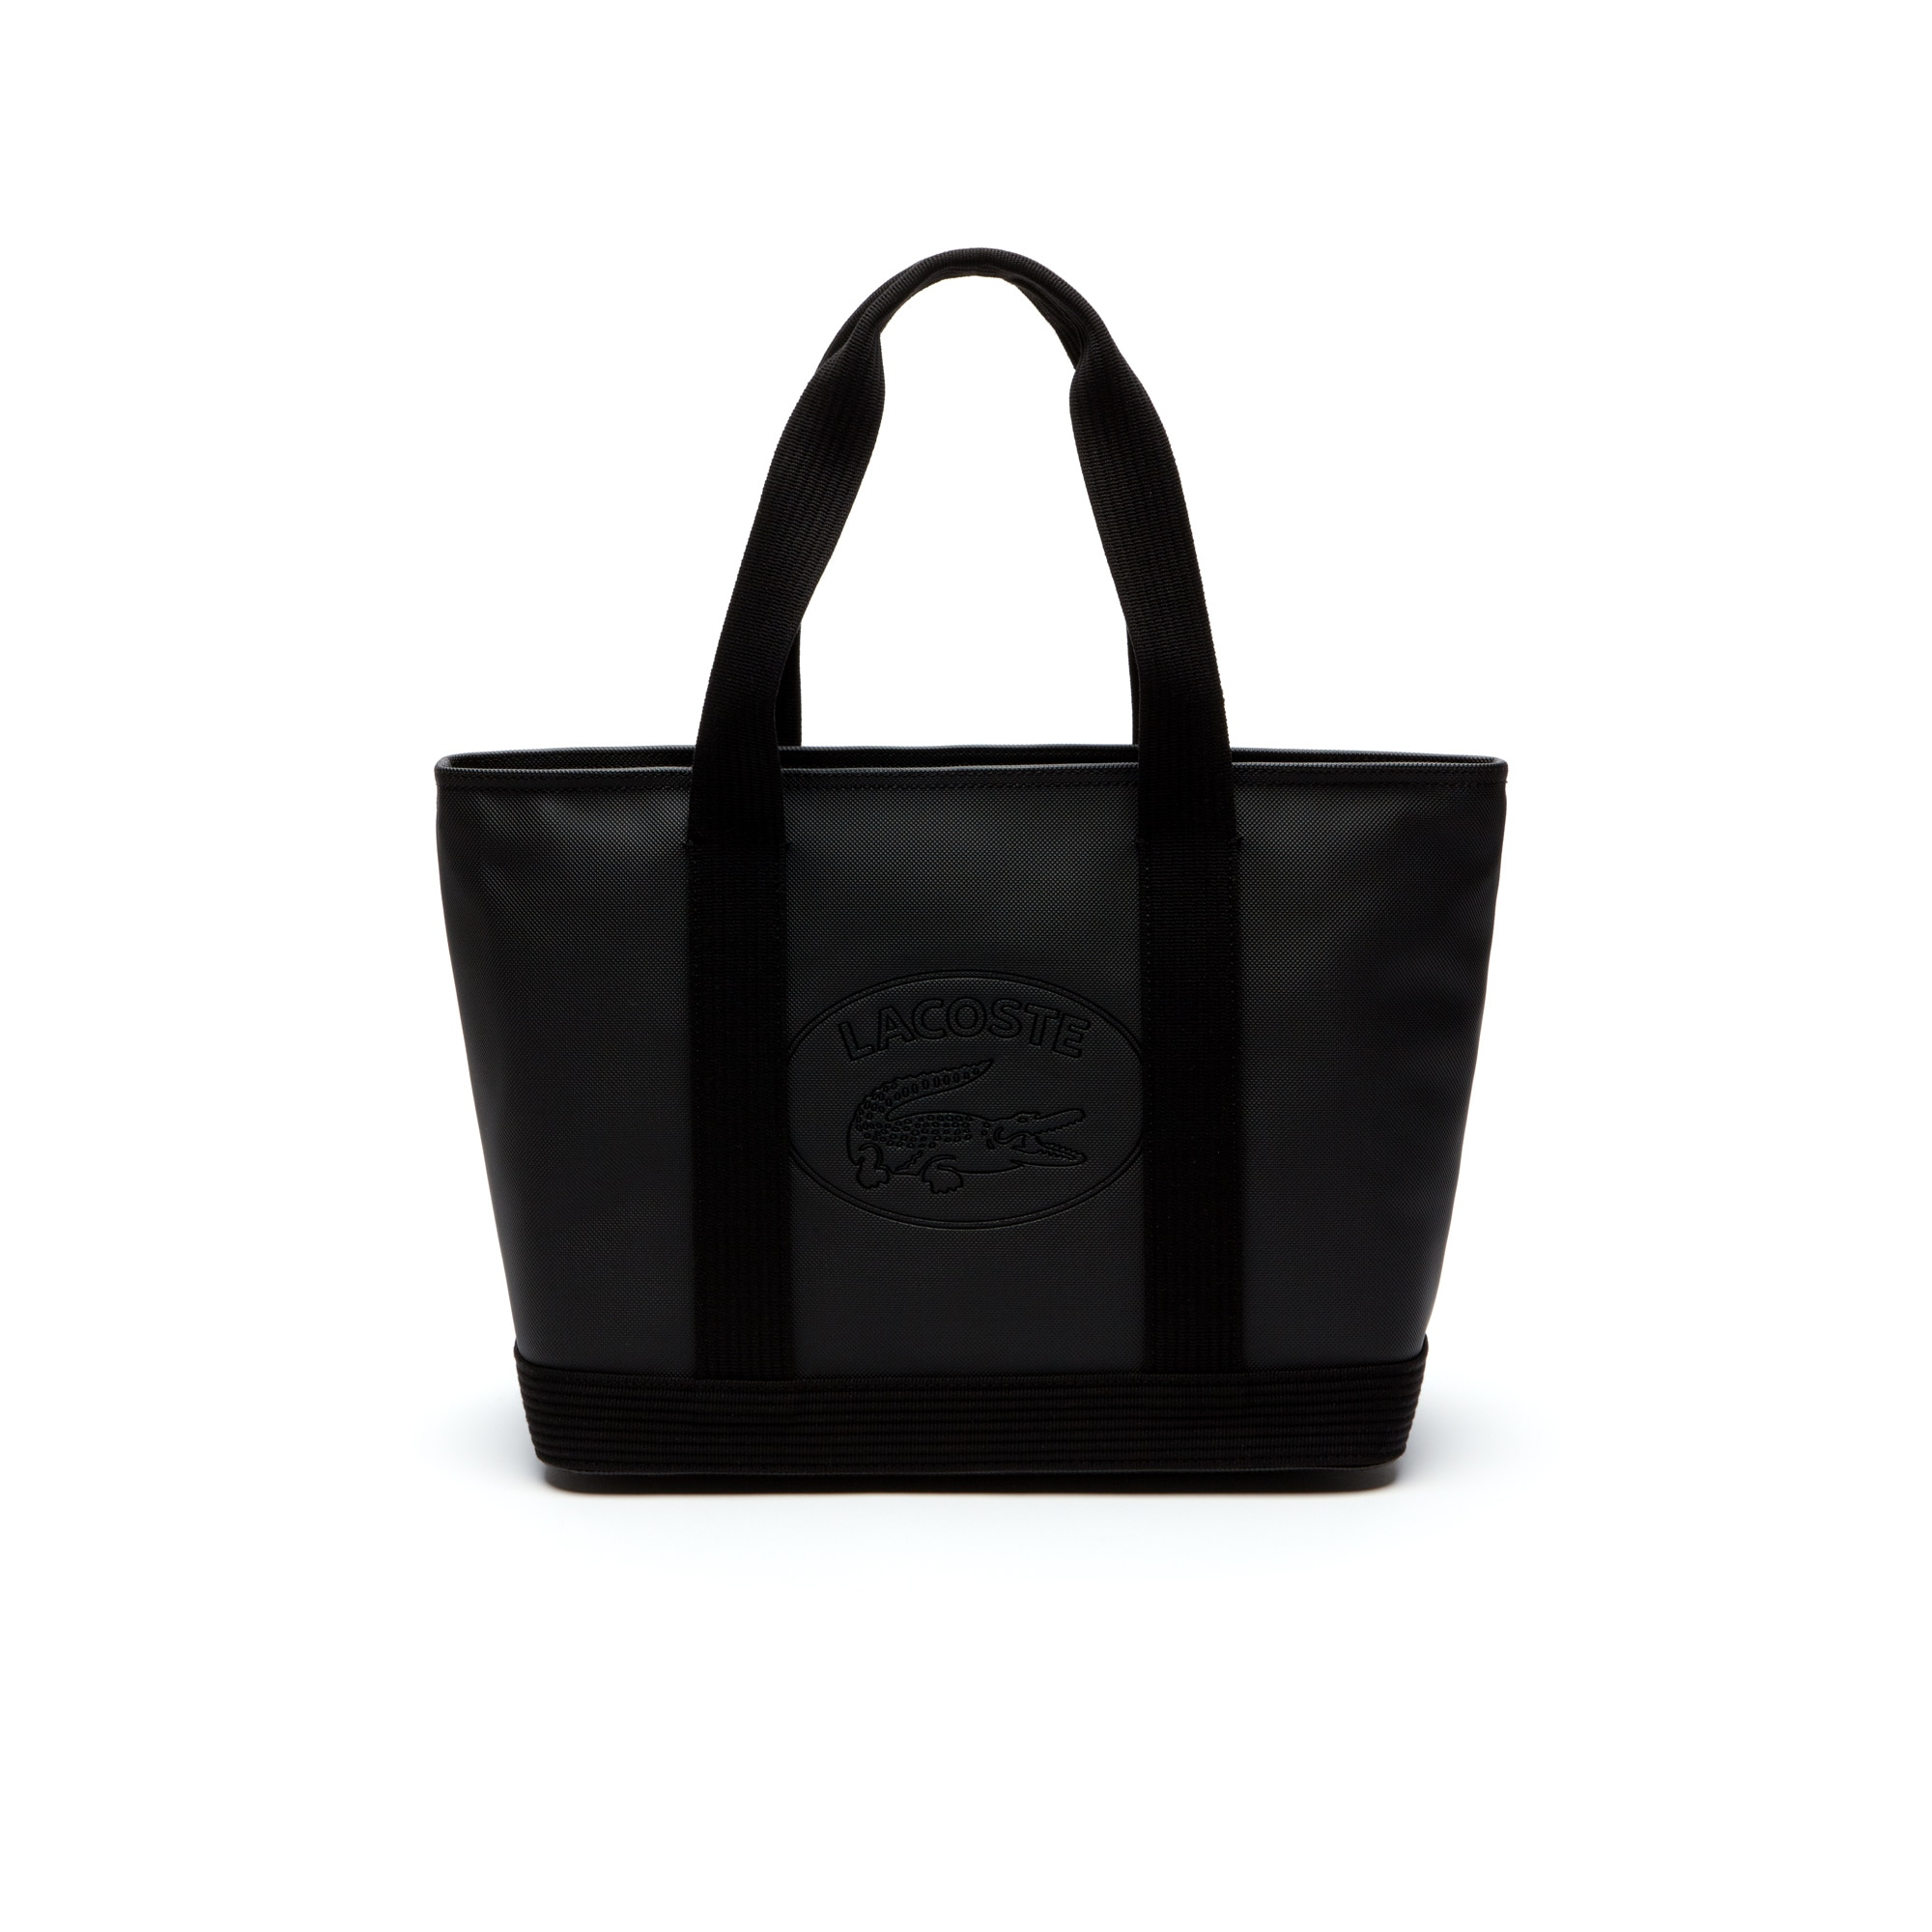 Damen Classic Tote Bag aus beschichtetem Piqué-Canvas